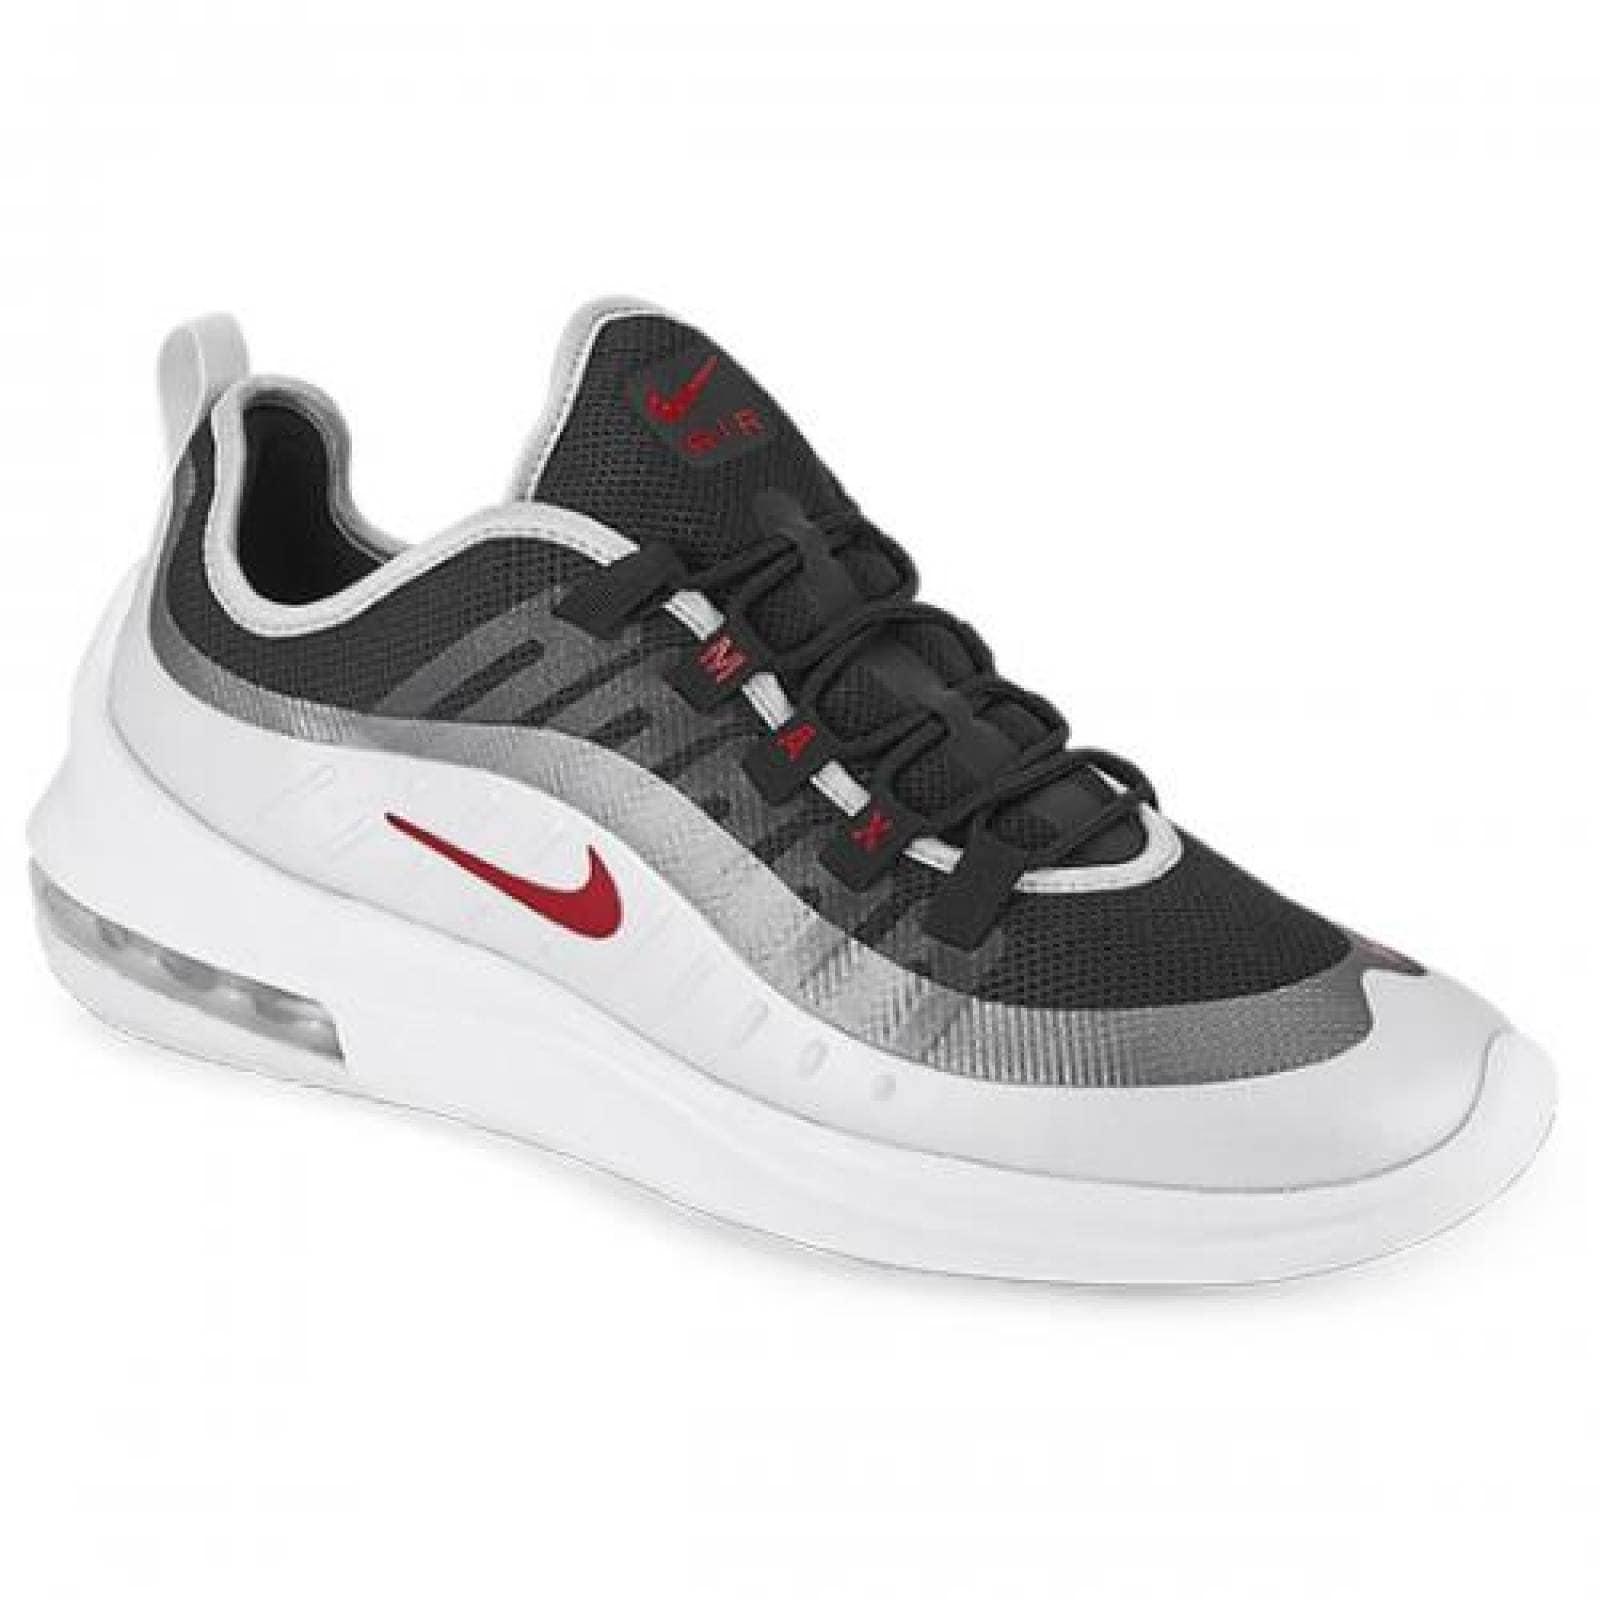 Tenis para Hombre Nike 46009 056136 Color Blanco rojo plata